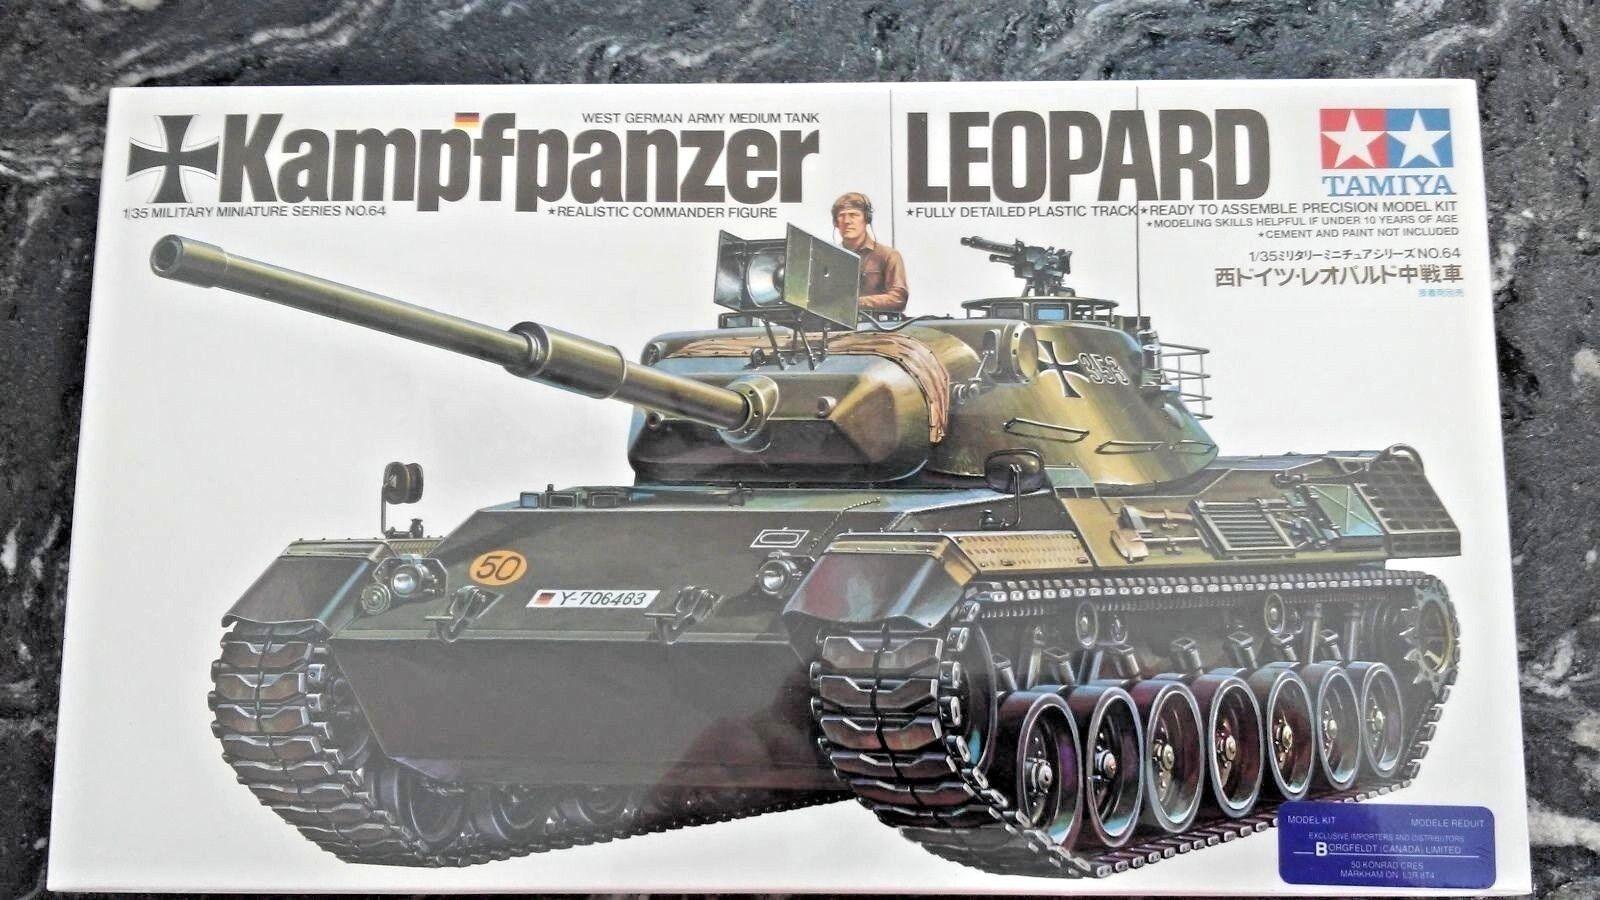 TAMIYA 1 35 GERMAN KAMPFPANZER LEOPARD PLASTIC TANK MODEL KIT ITEM  F S